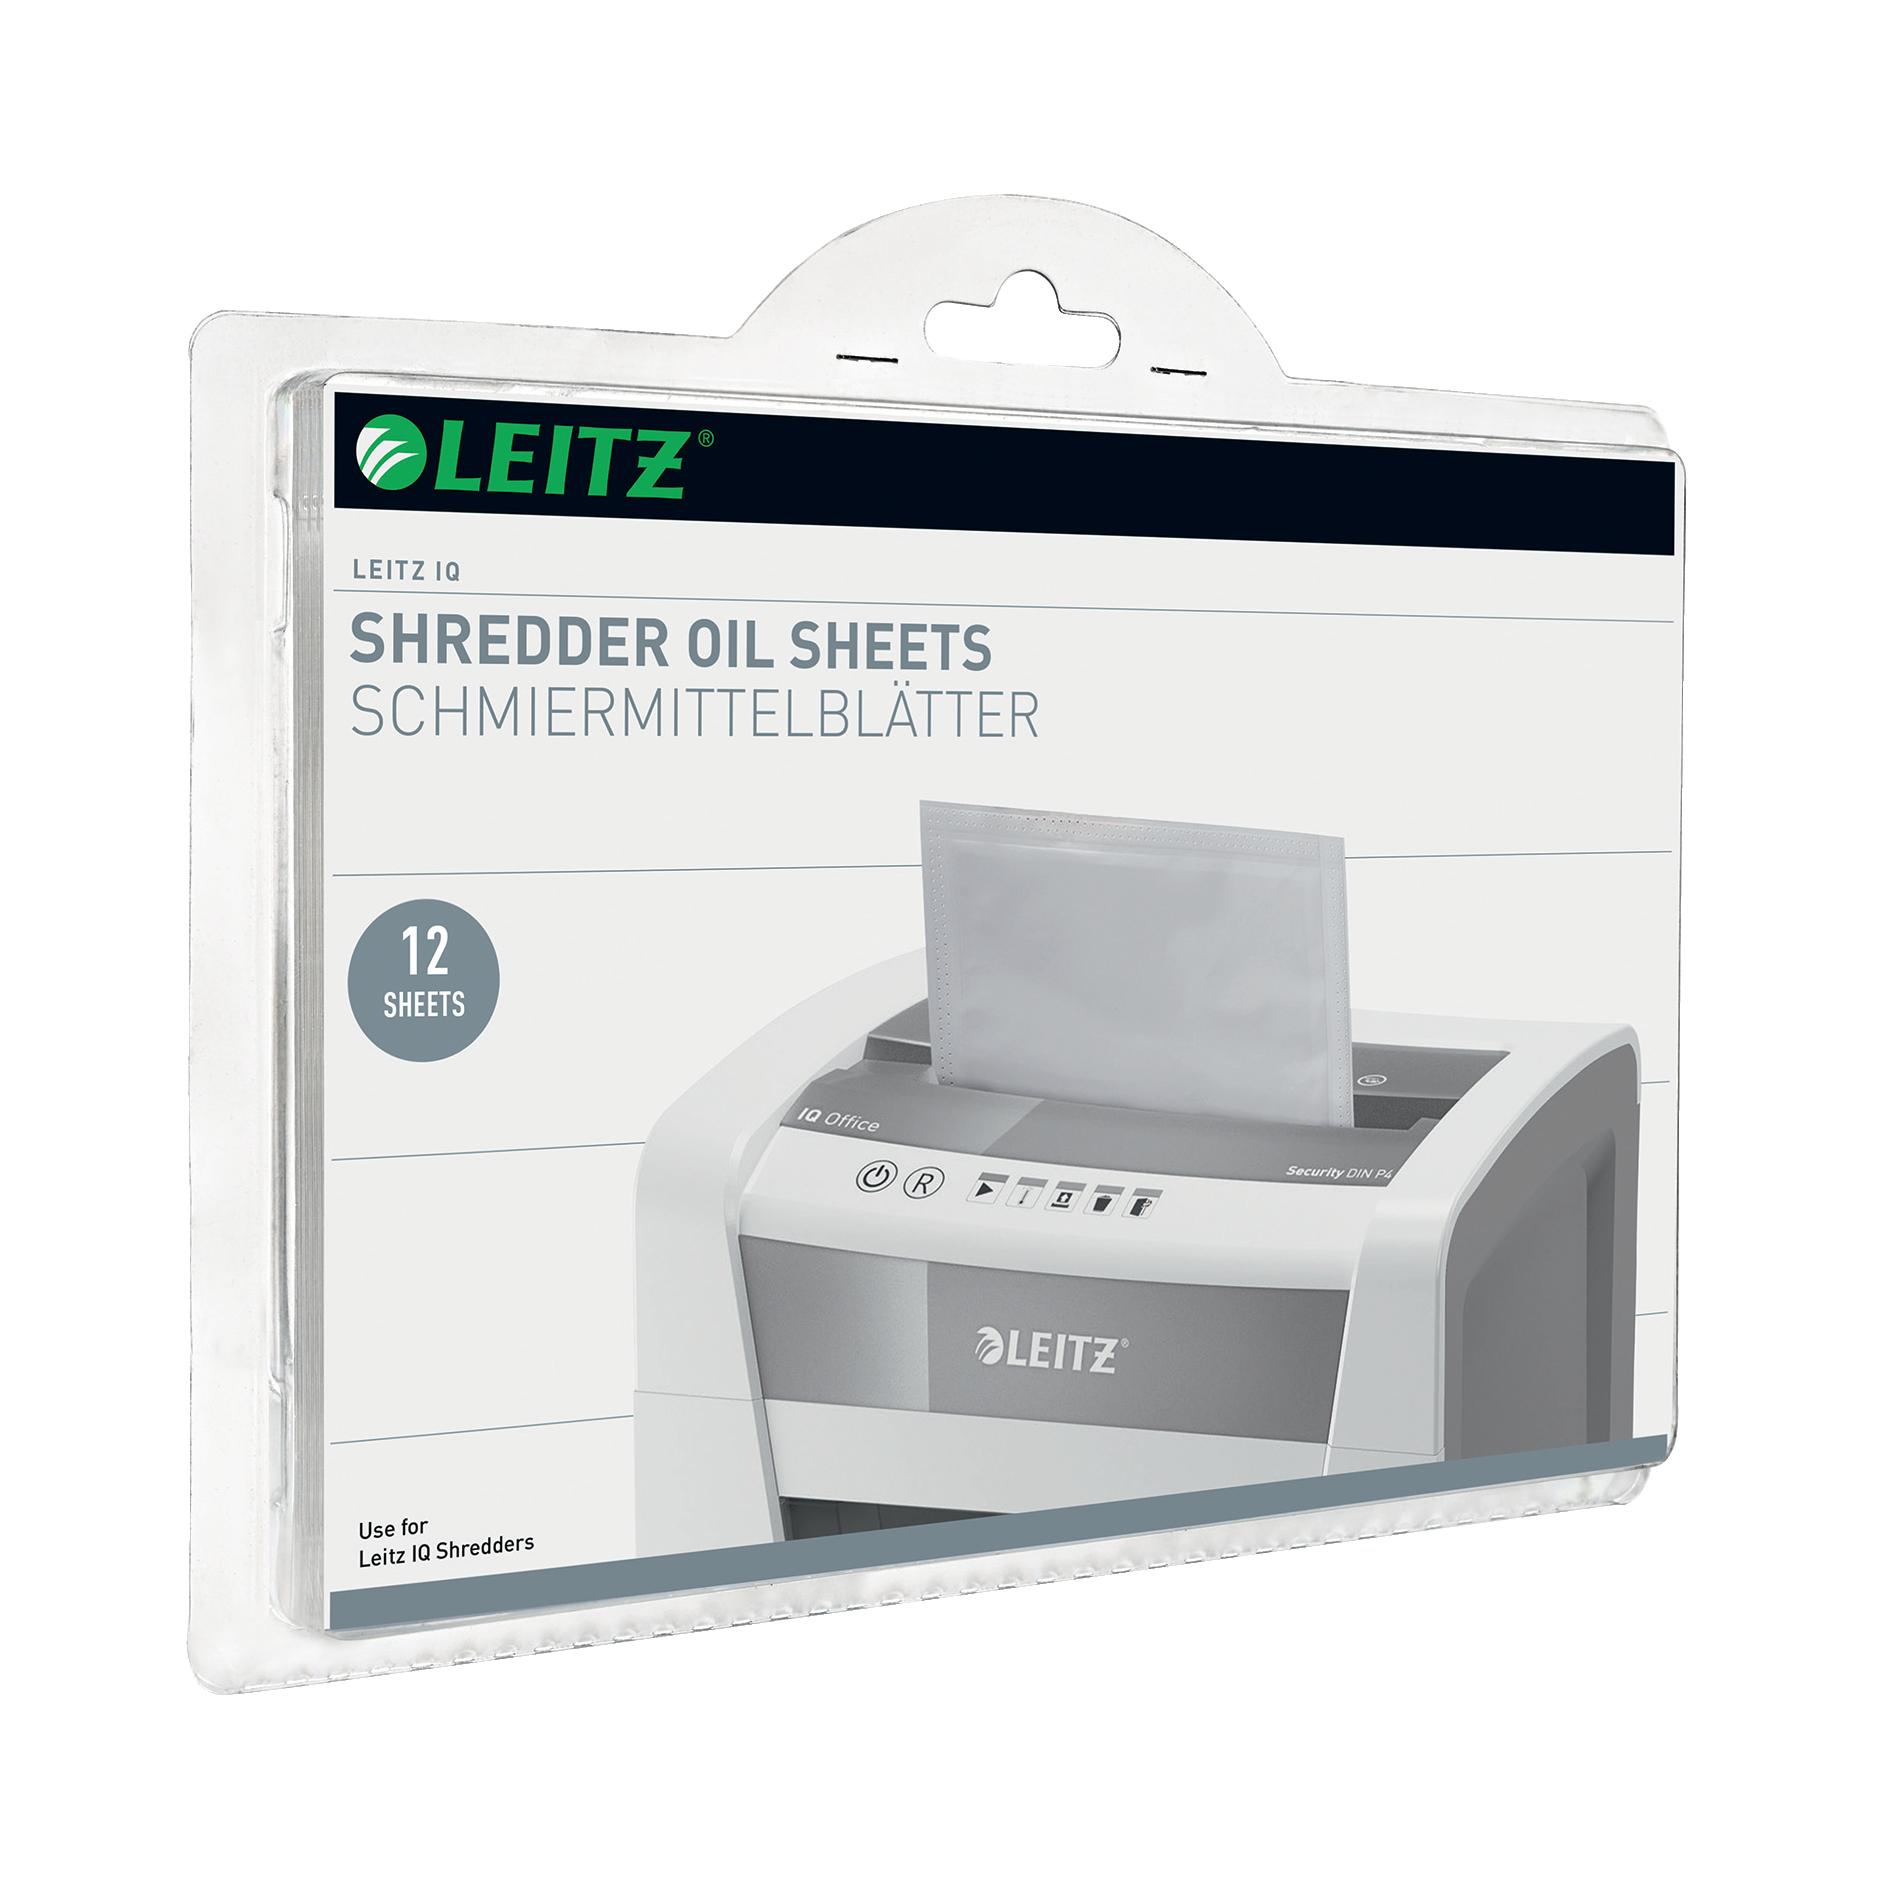 Image for Leitz Oil Sheets for IQ Shredder Ref 80070000 [Pack 12]